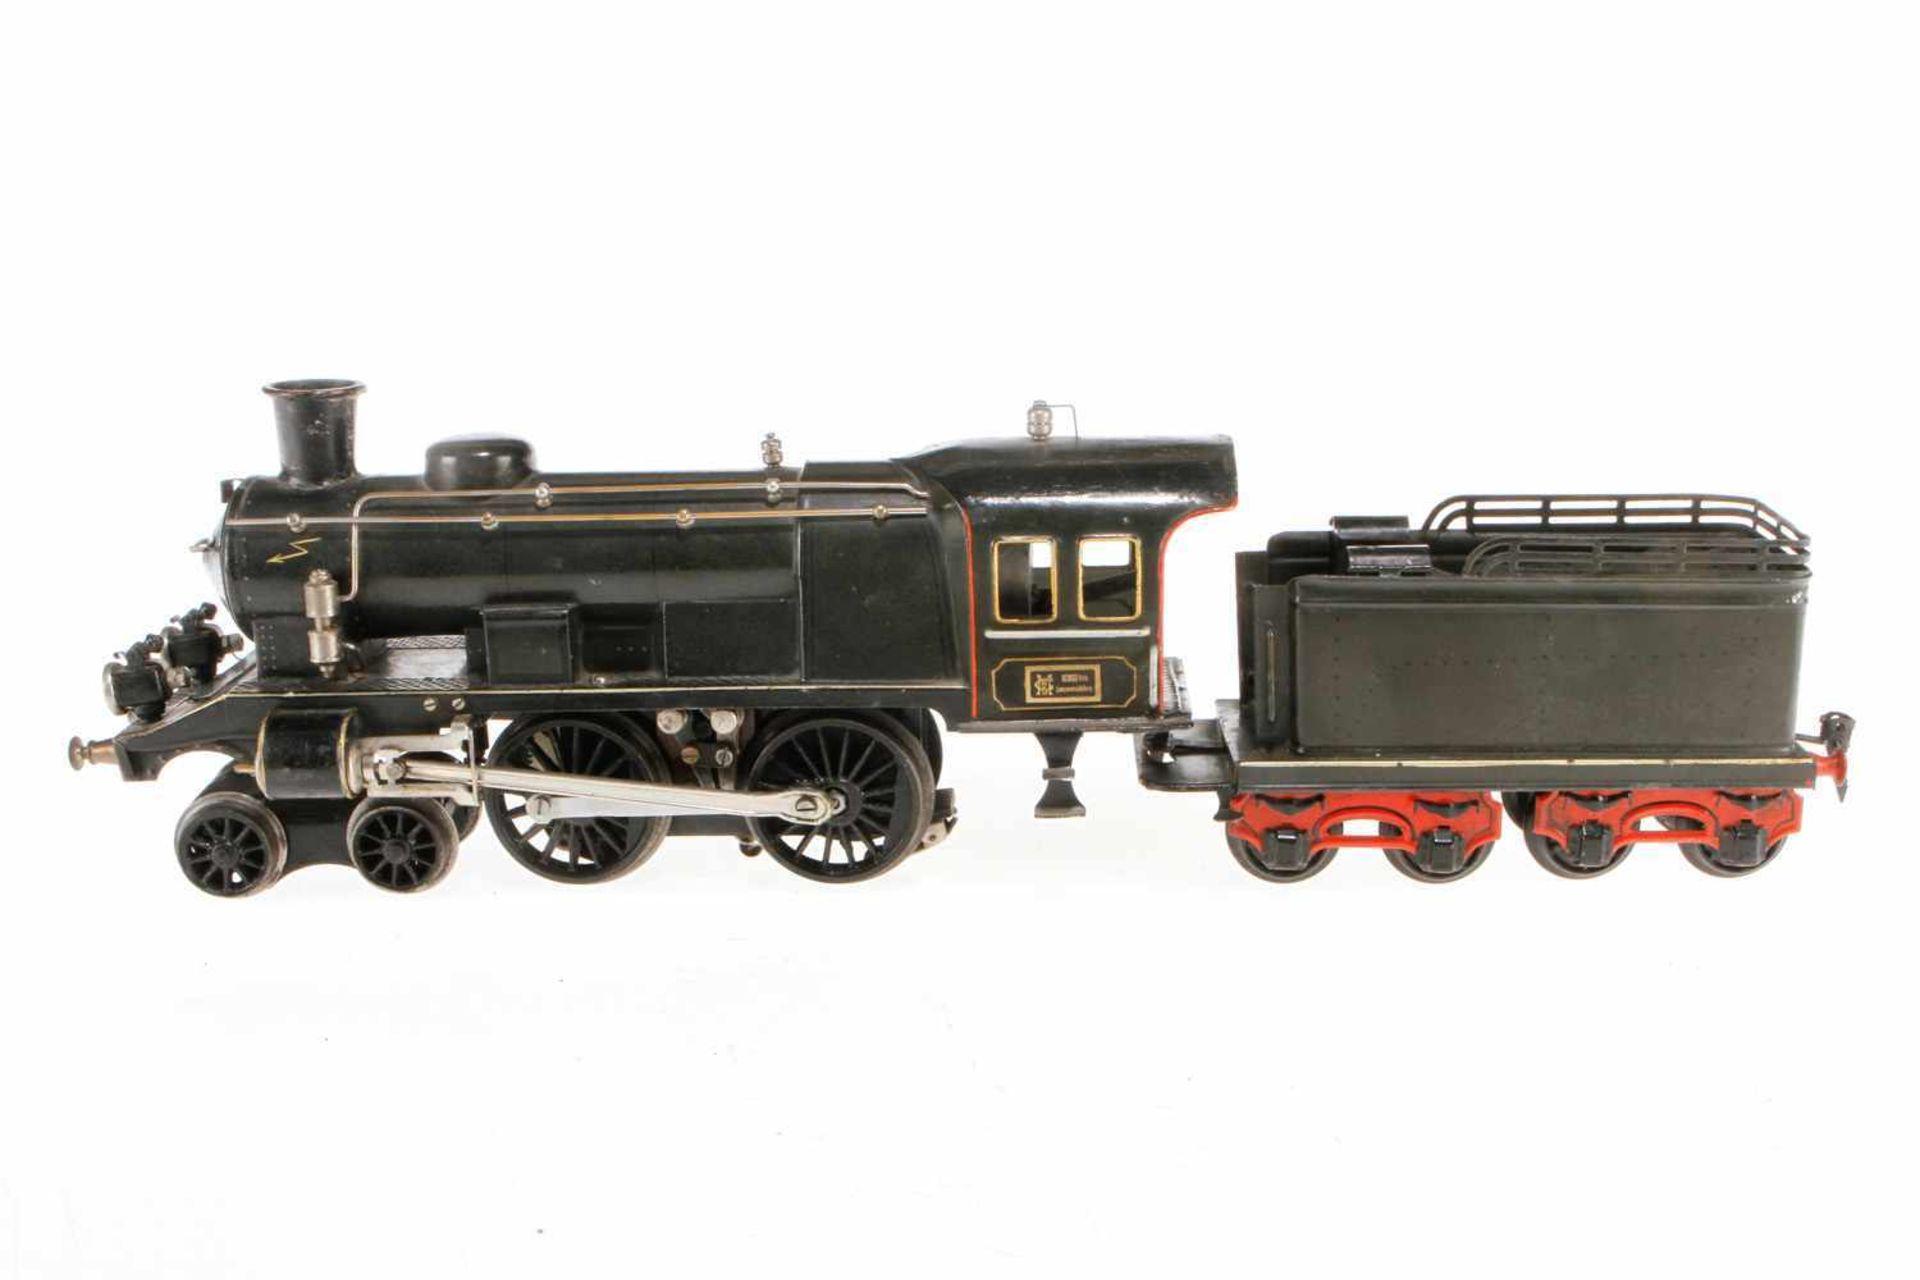 Märklin 2-B Dampflok EE 64/3021, S 1, Starkstrom, HL, mit Tender und 2 el. bel. Stirnlampen, 1 imit.